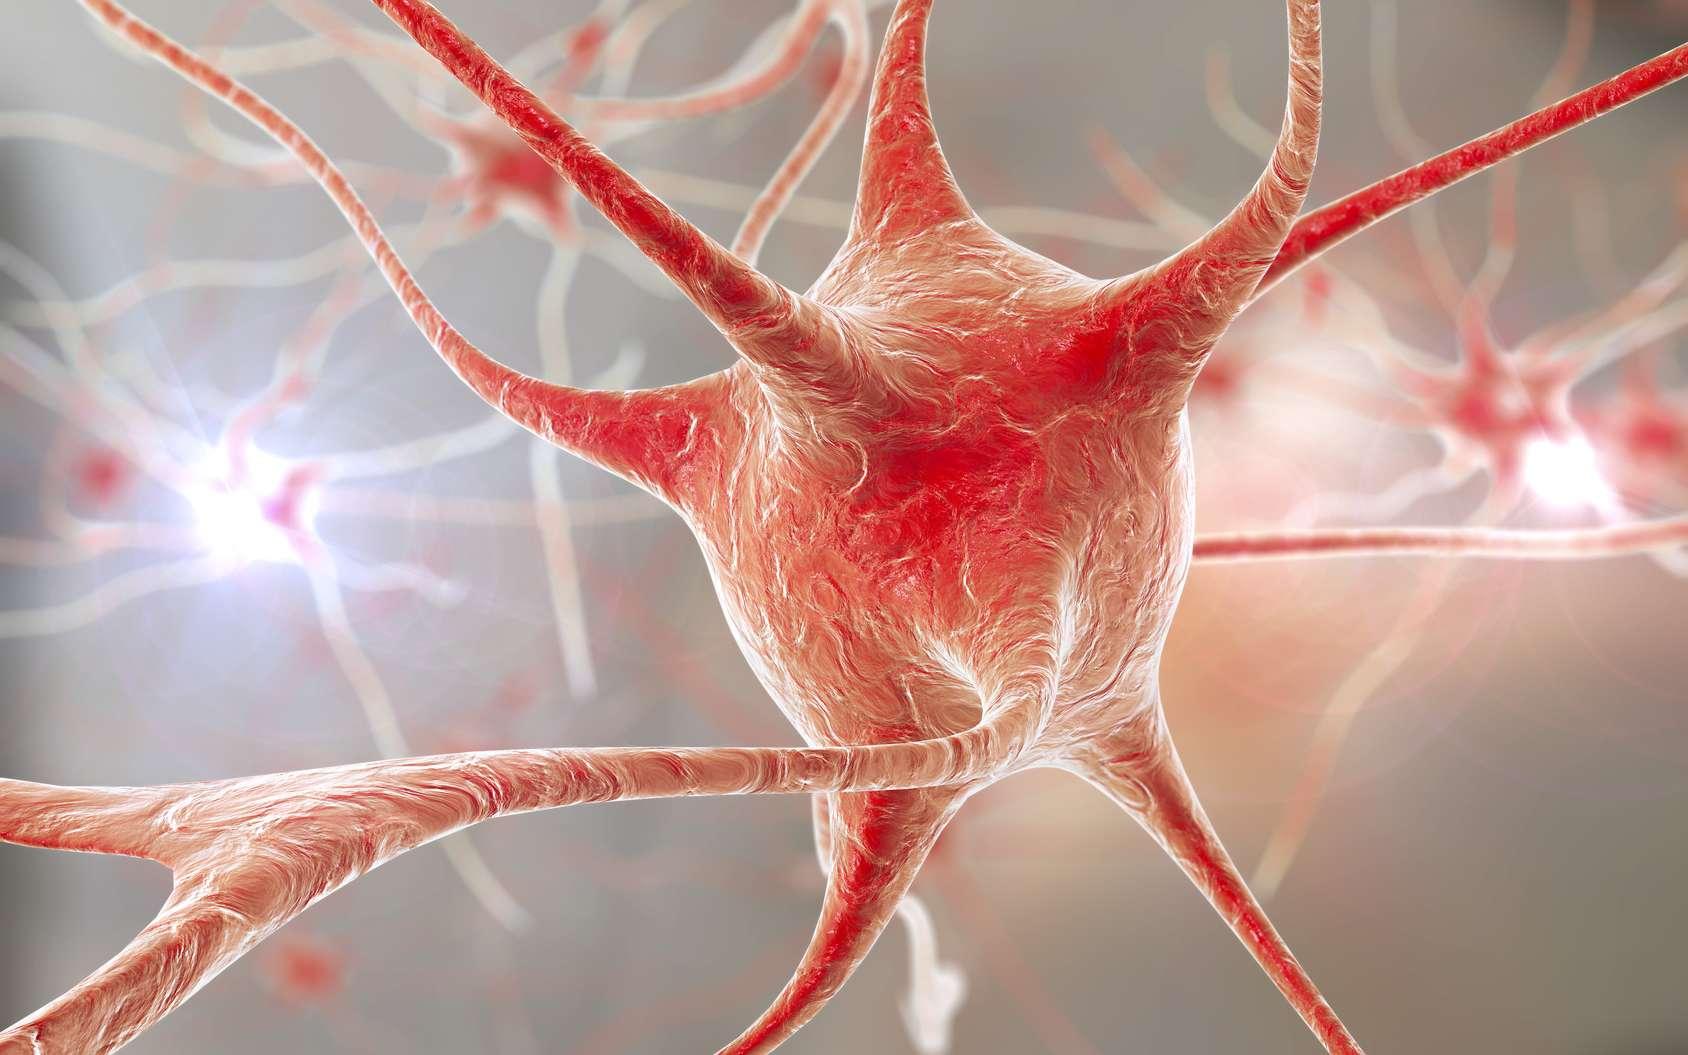 Faire pousser un mini-cerveau, c'est possible ! Pour travailler facilement sur un cerveau, il serait préférable de disposer d'un organe semi-artificiel mais suffisamment réaliste. Il est en effet possible de cultiver des neurones en trois dimensions pour reconstituer du tissu cérébral. © Kateryna_Kon, Fotolia